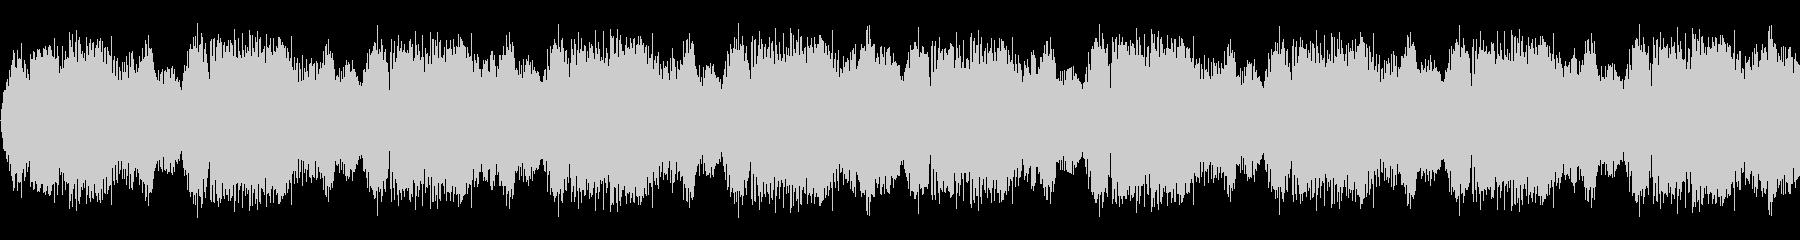 チャイコフスキー 緊急事態 ループの未再生の波形